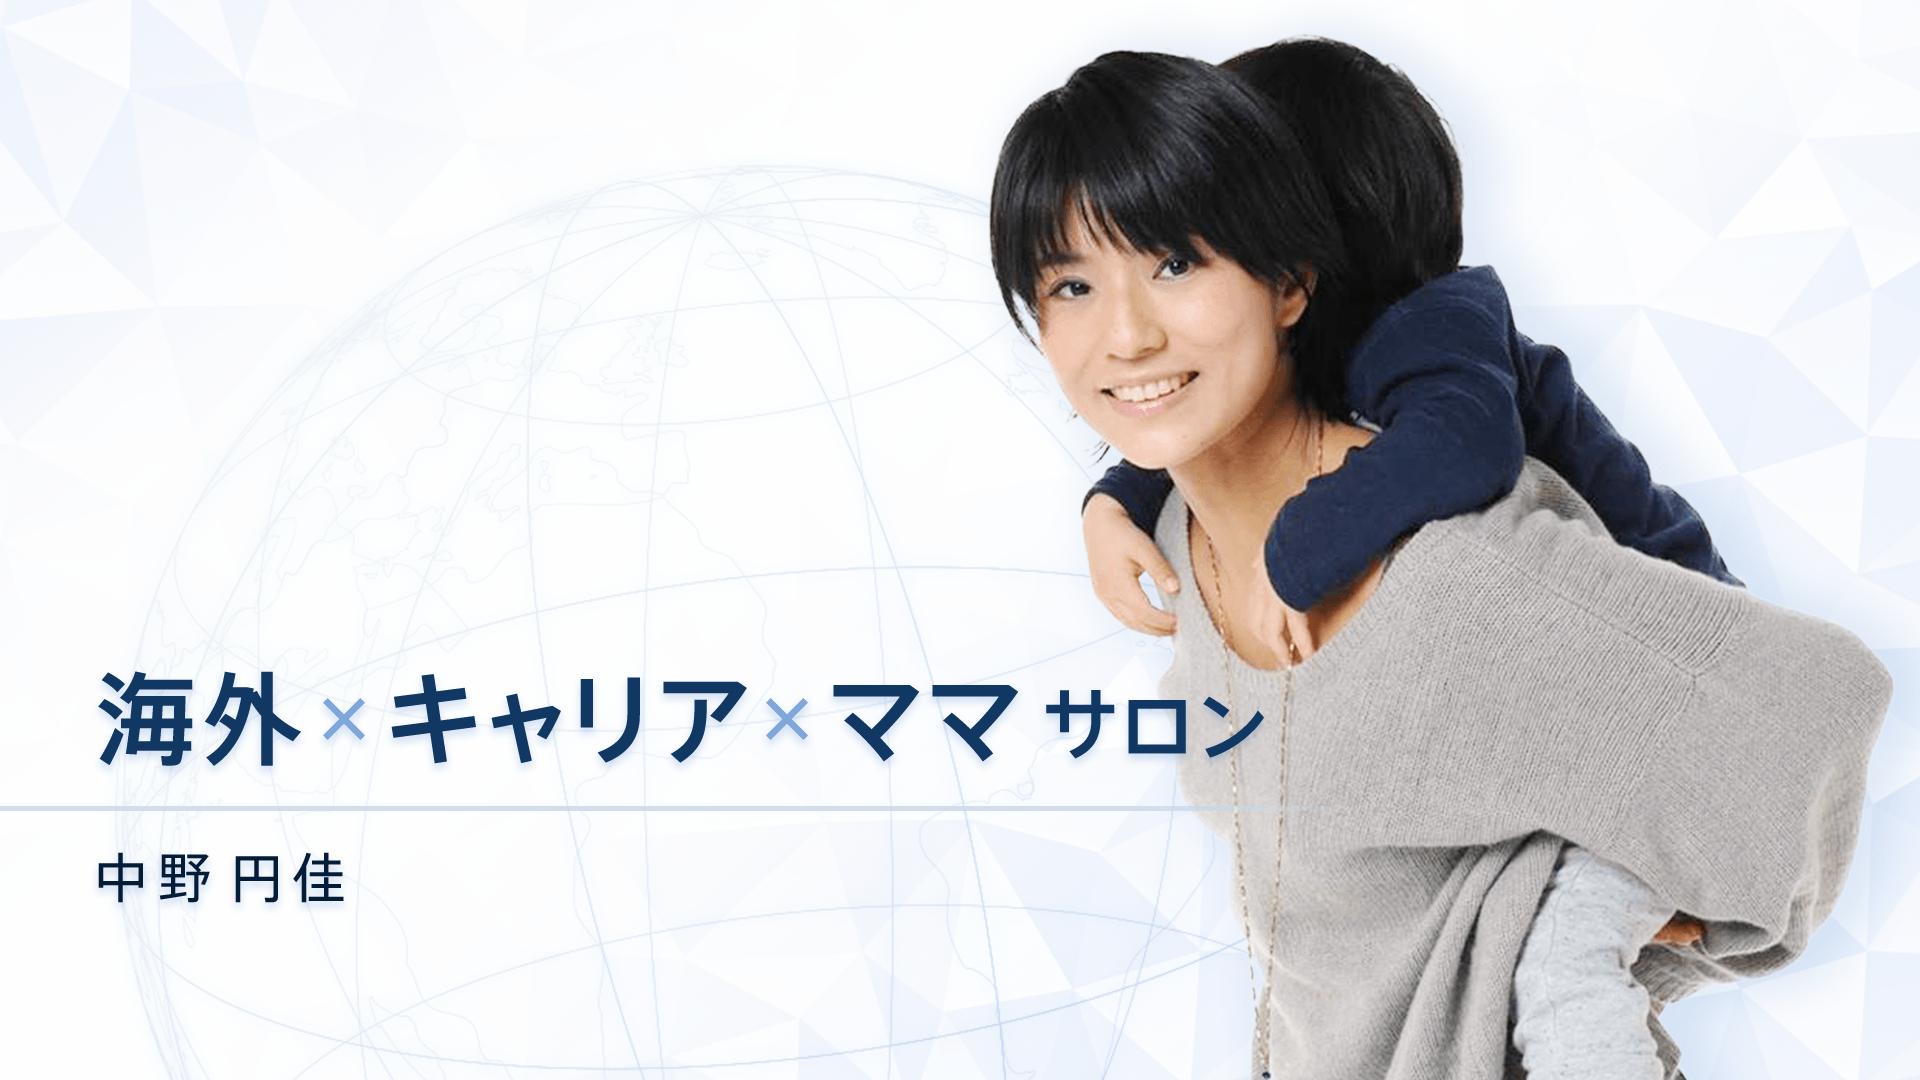 中野円佳 - 海外×キャリア×ママ サロン - DMM オンラインサロン